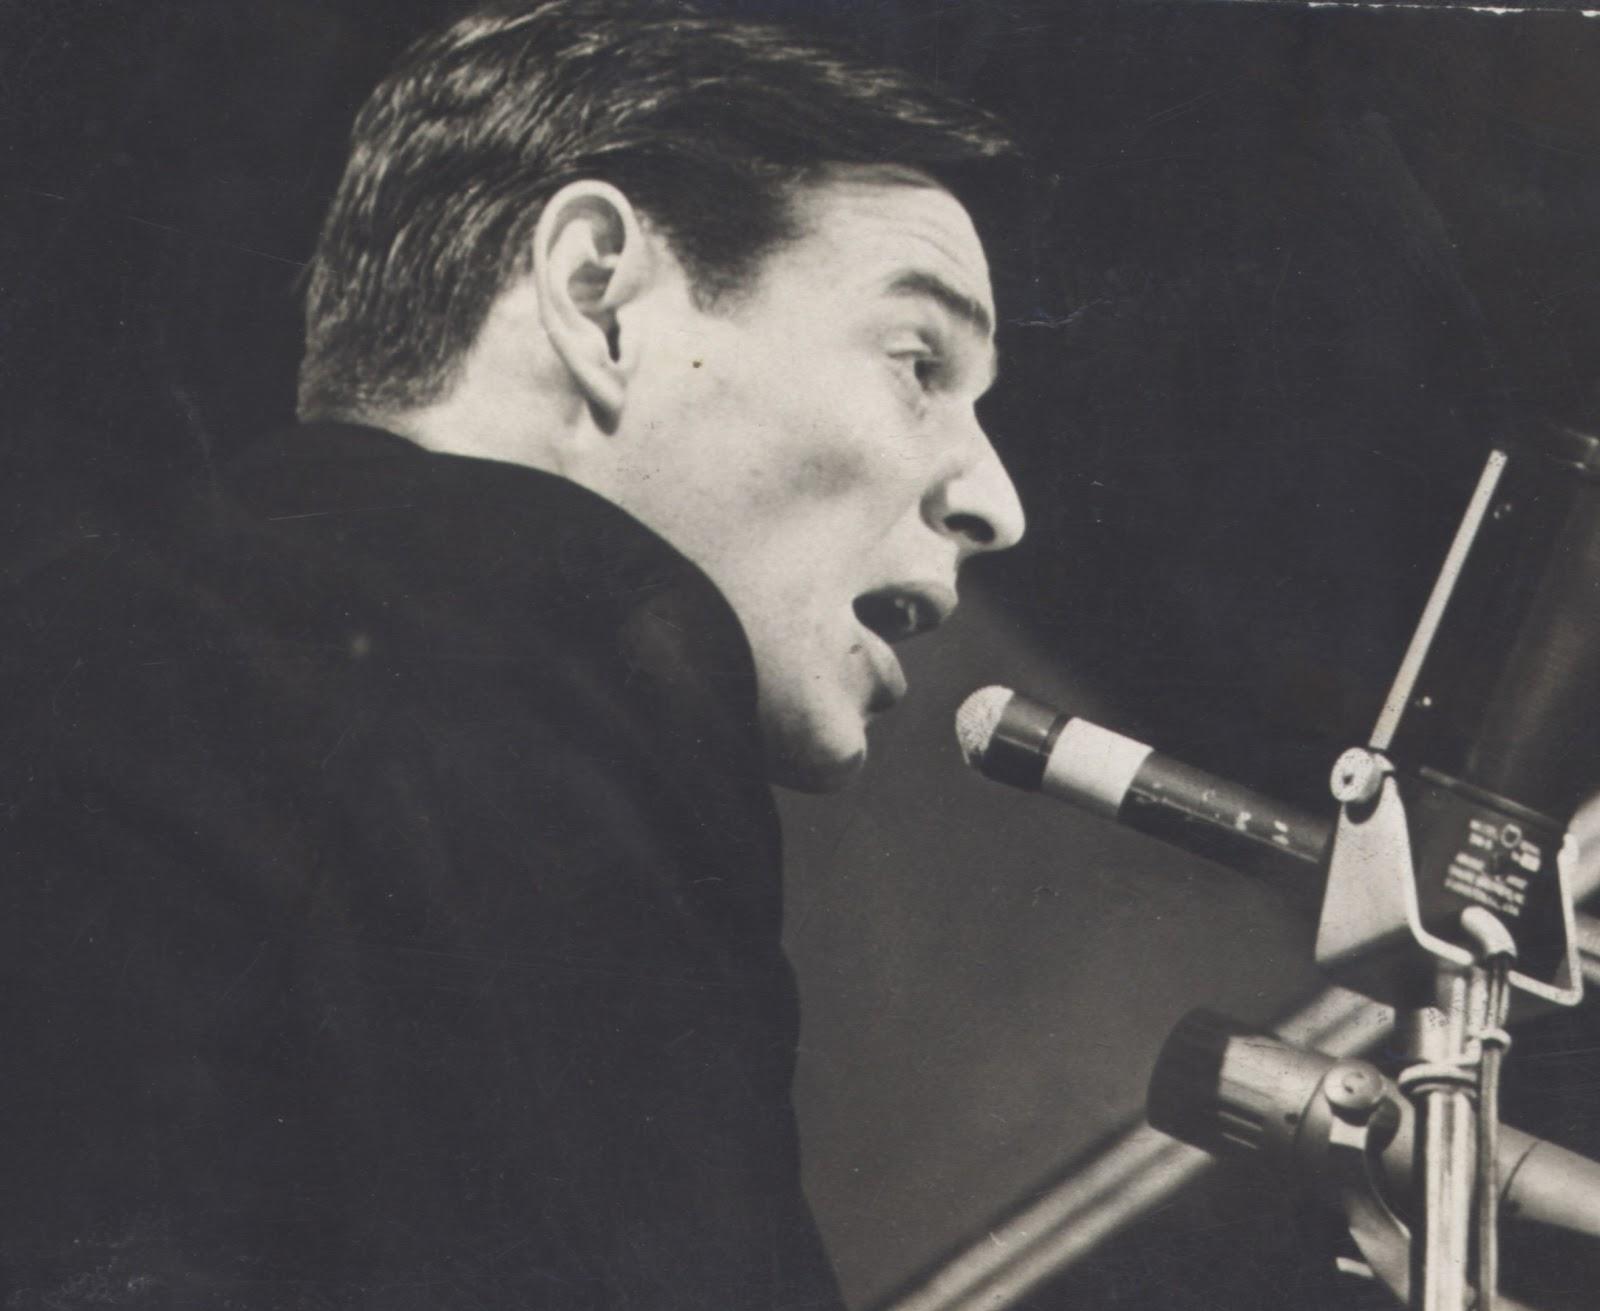 マイクで歌を歌うトム・ジョビンの顔